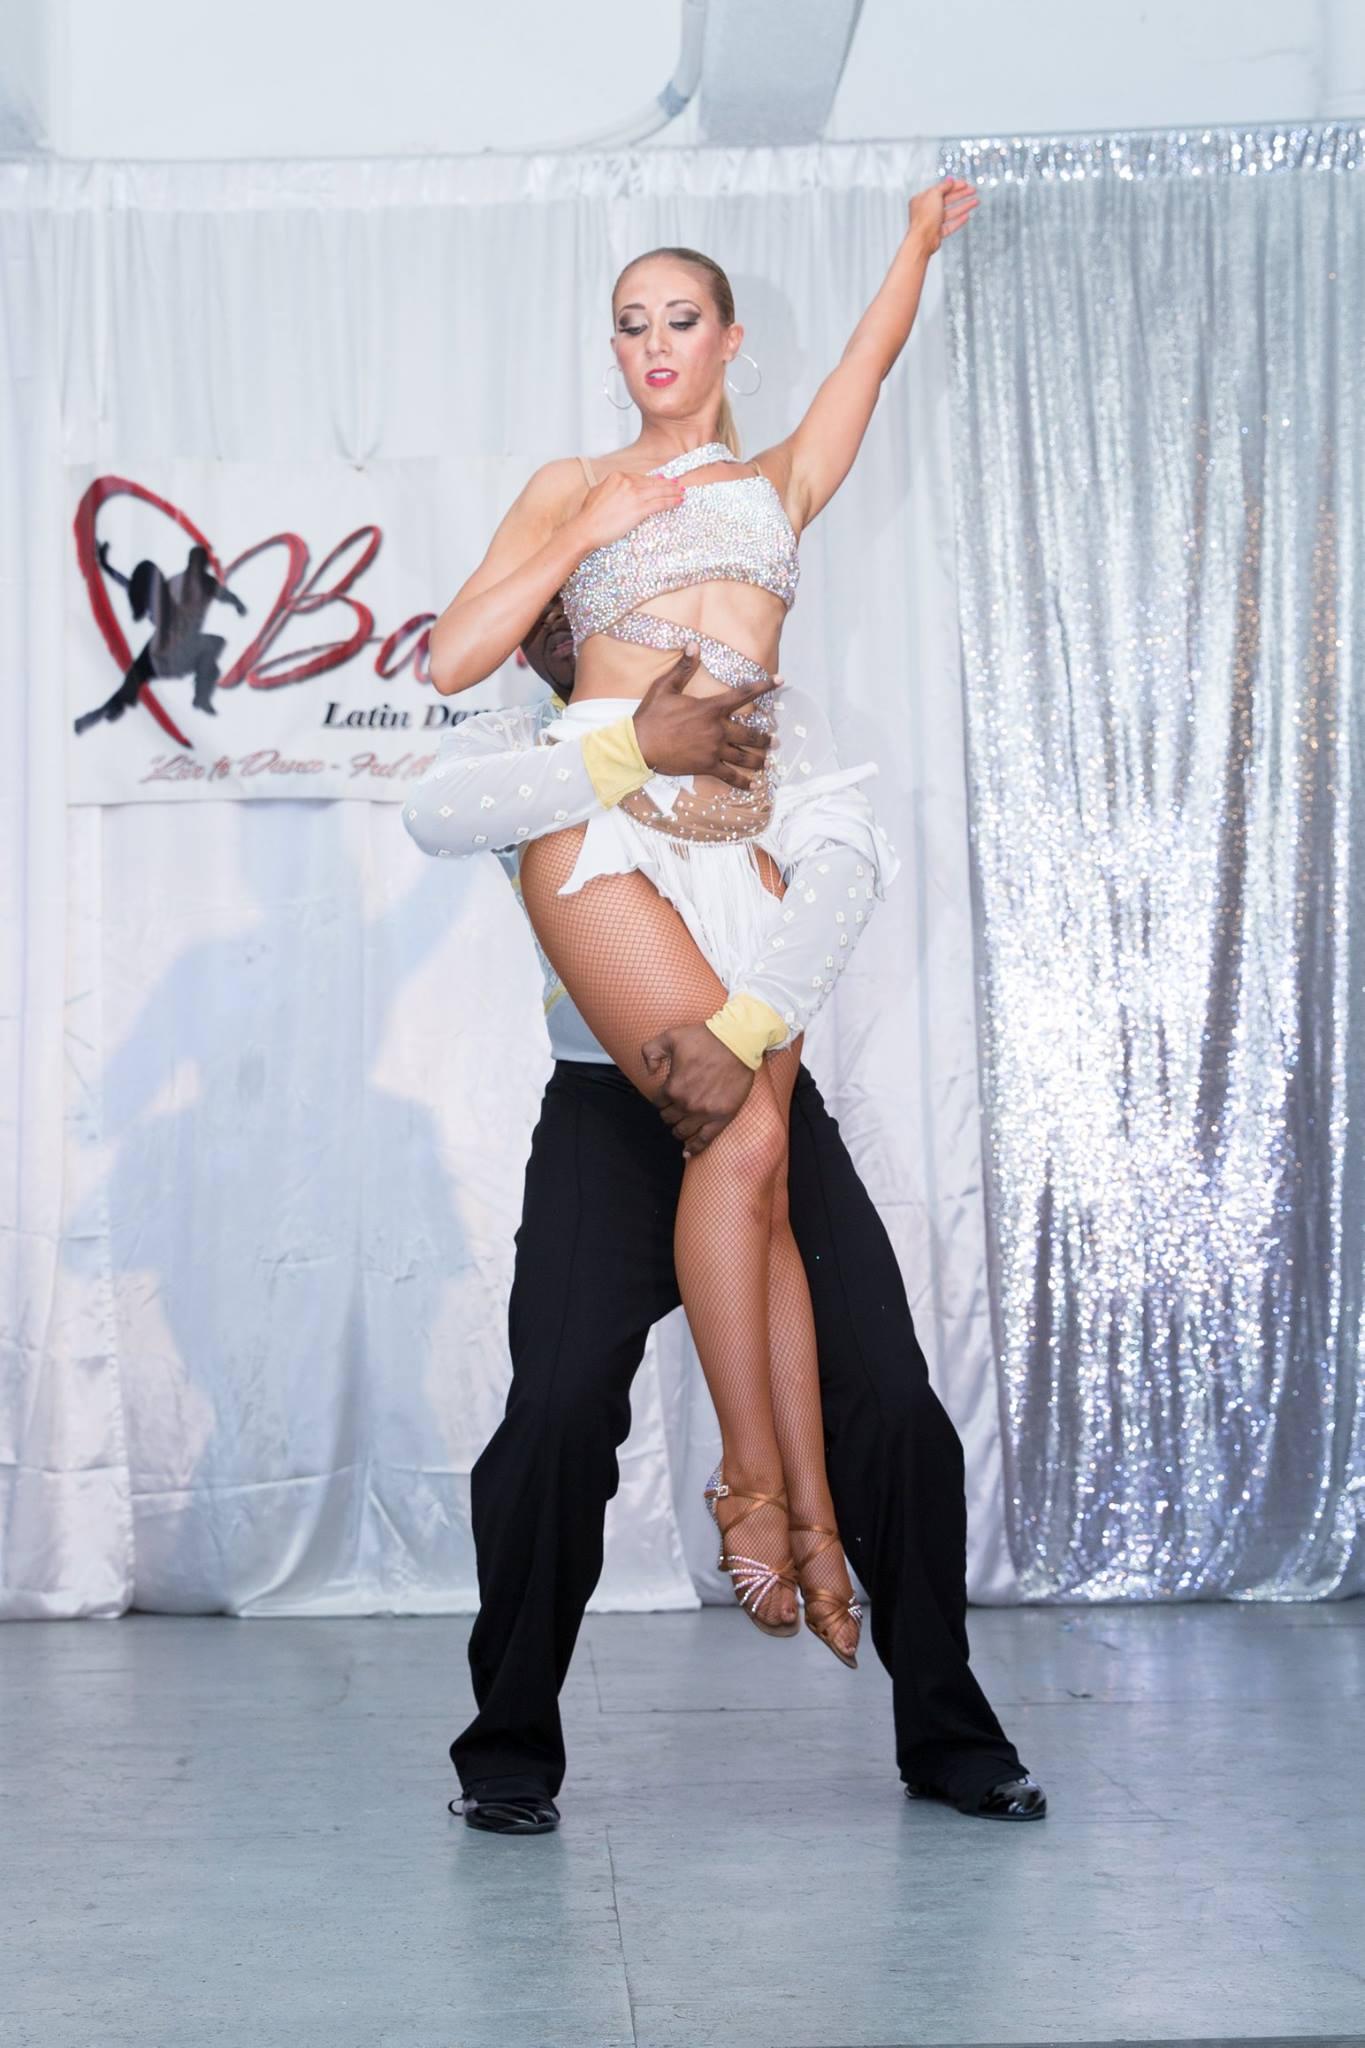 Brielle Friedman dance instructor New York